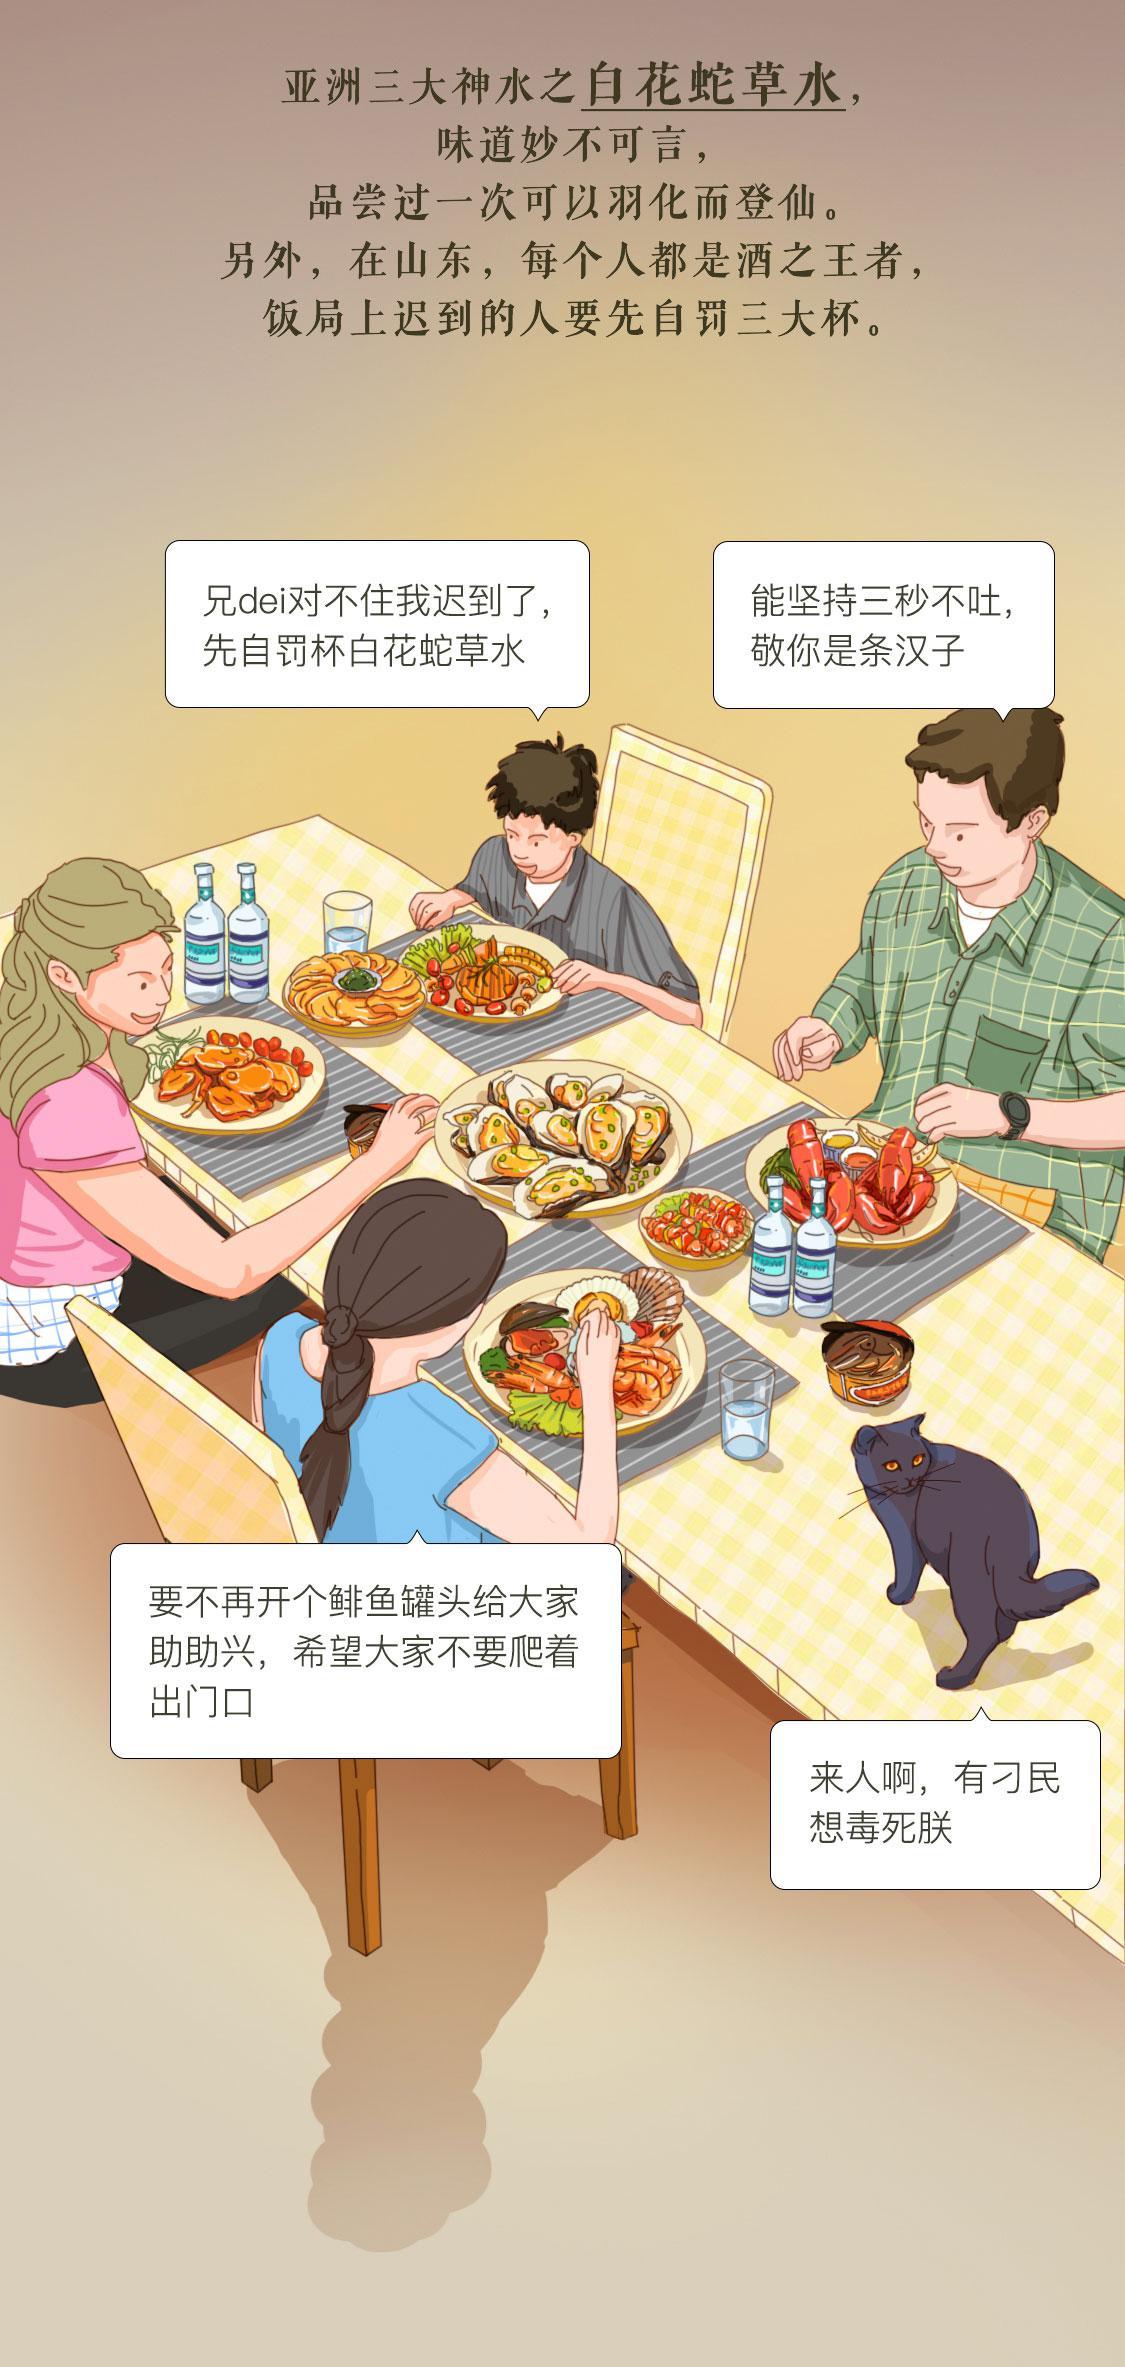 这个夏天,我们一起去青岛下饺子